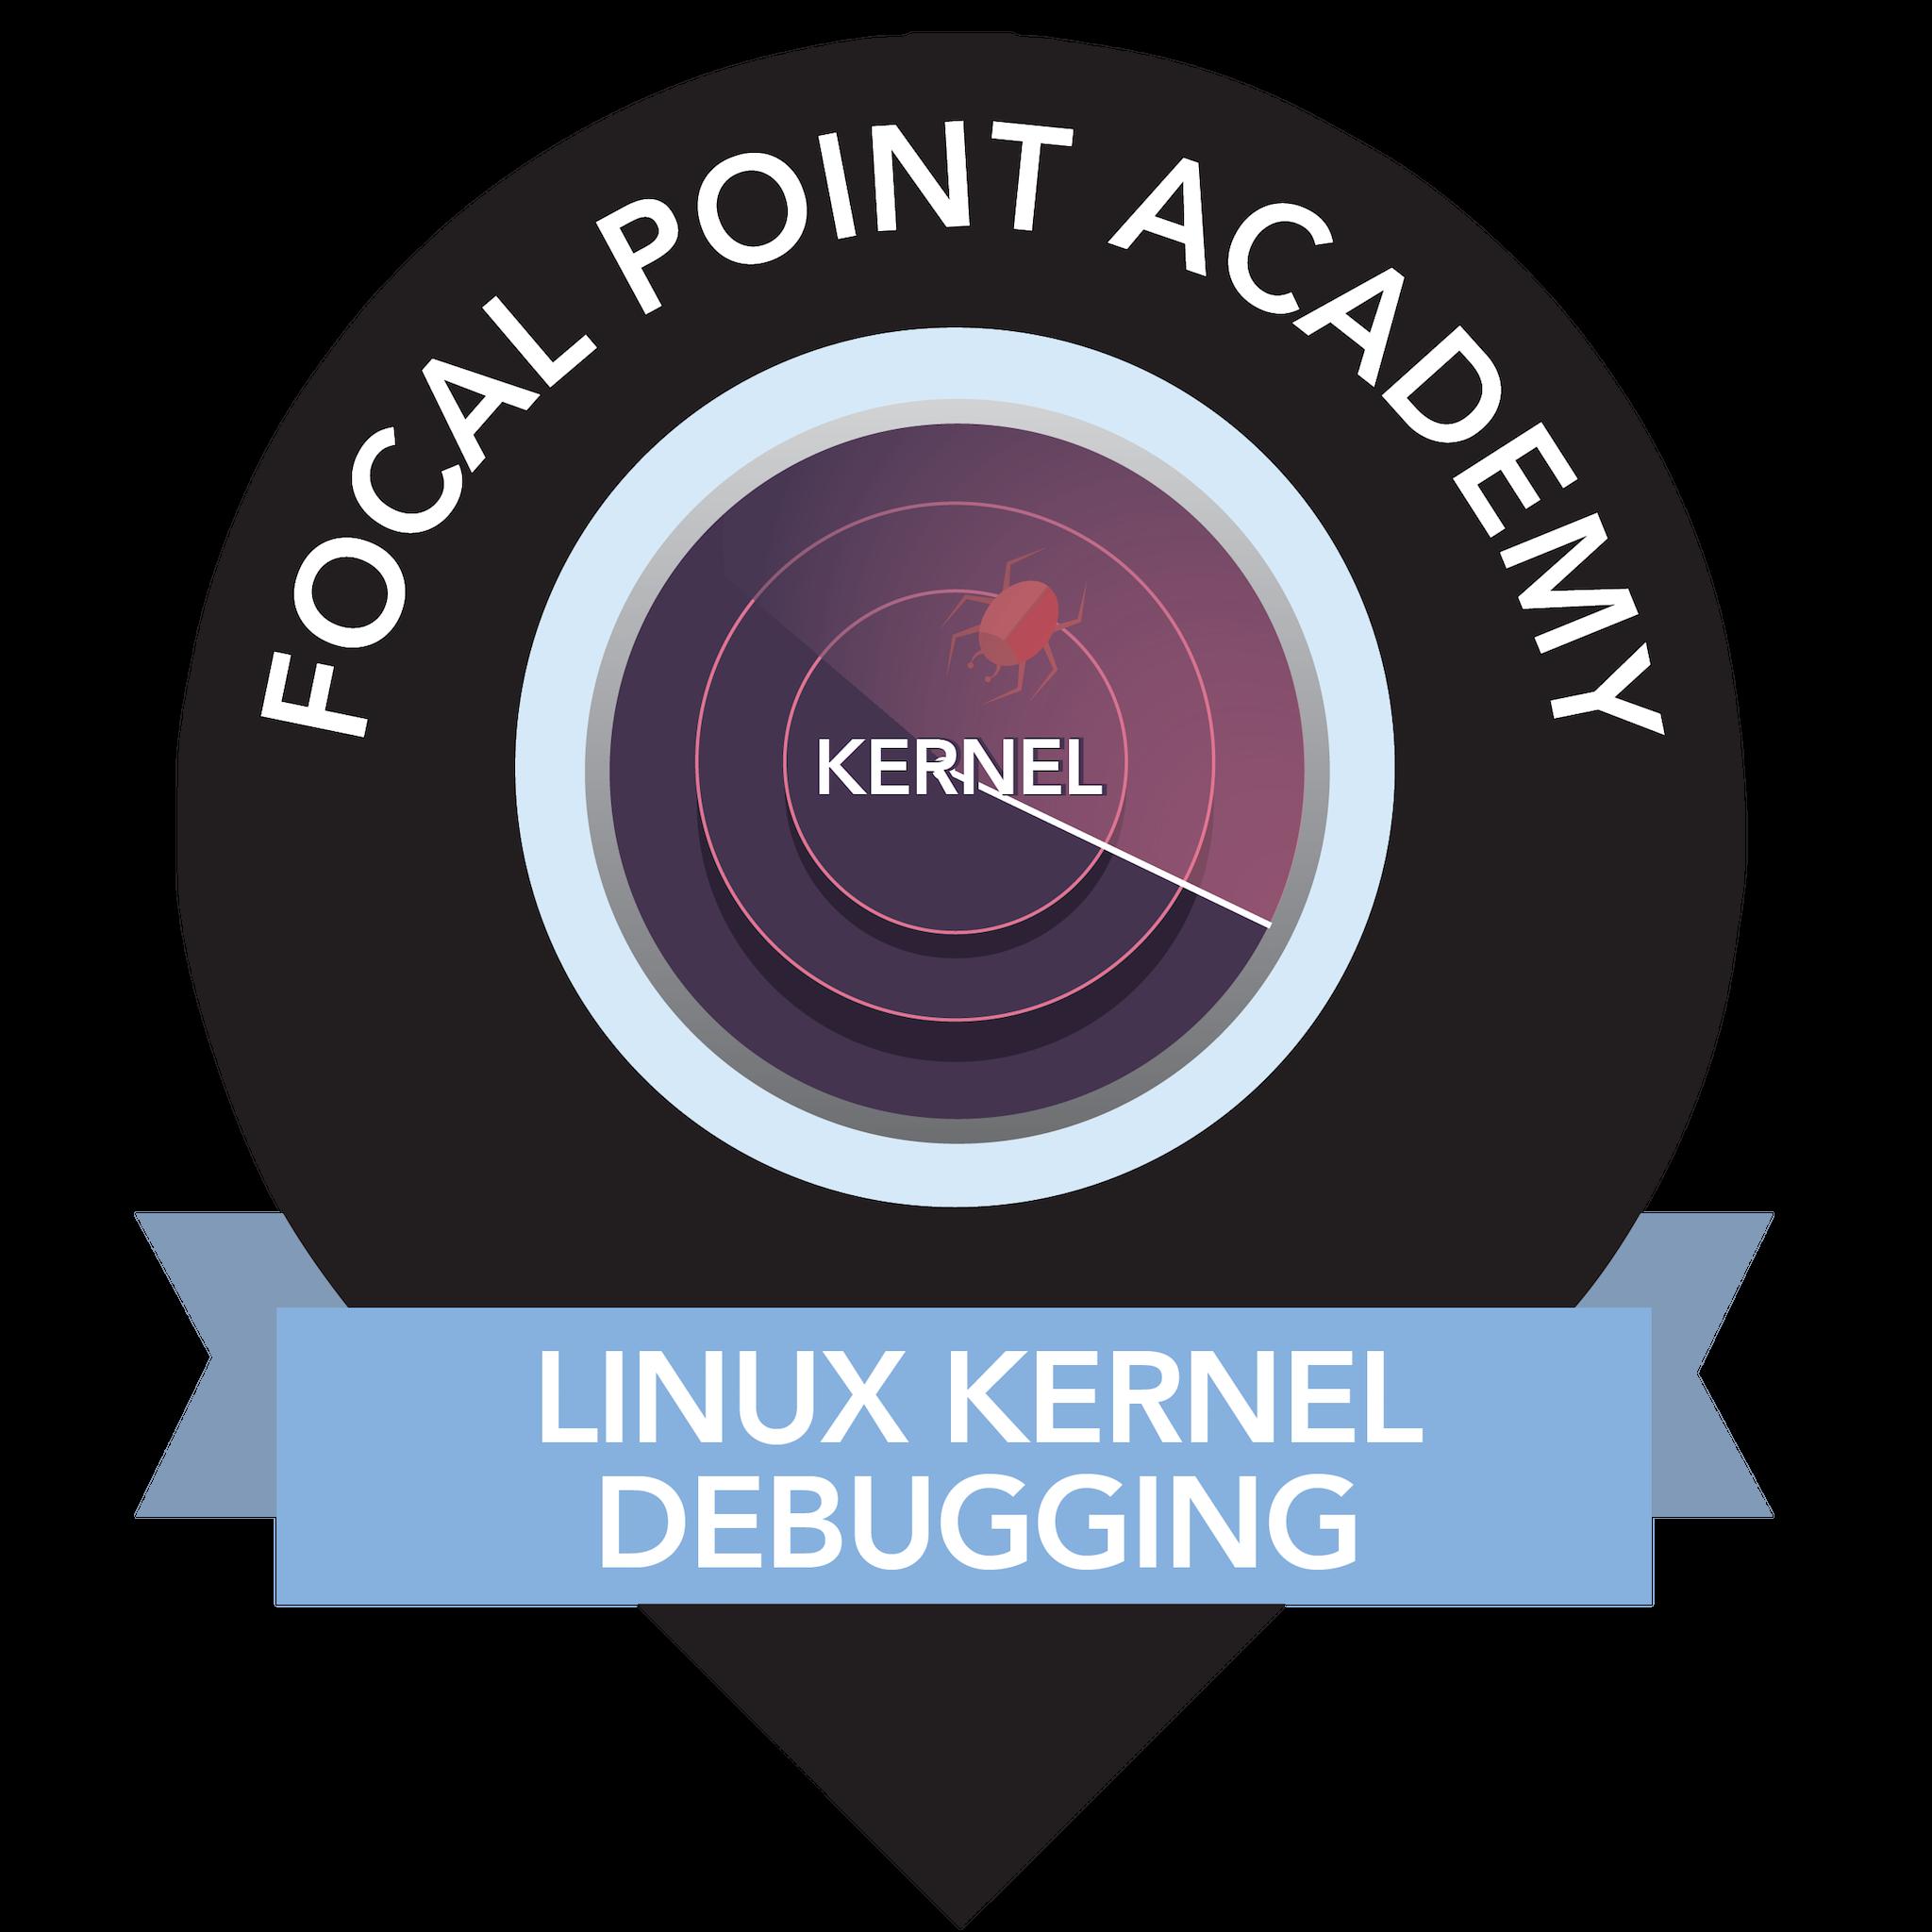 Linux Kernel Debugging